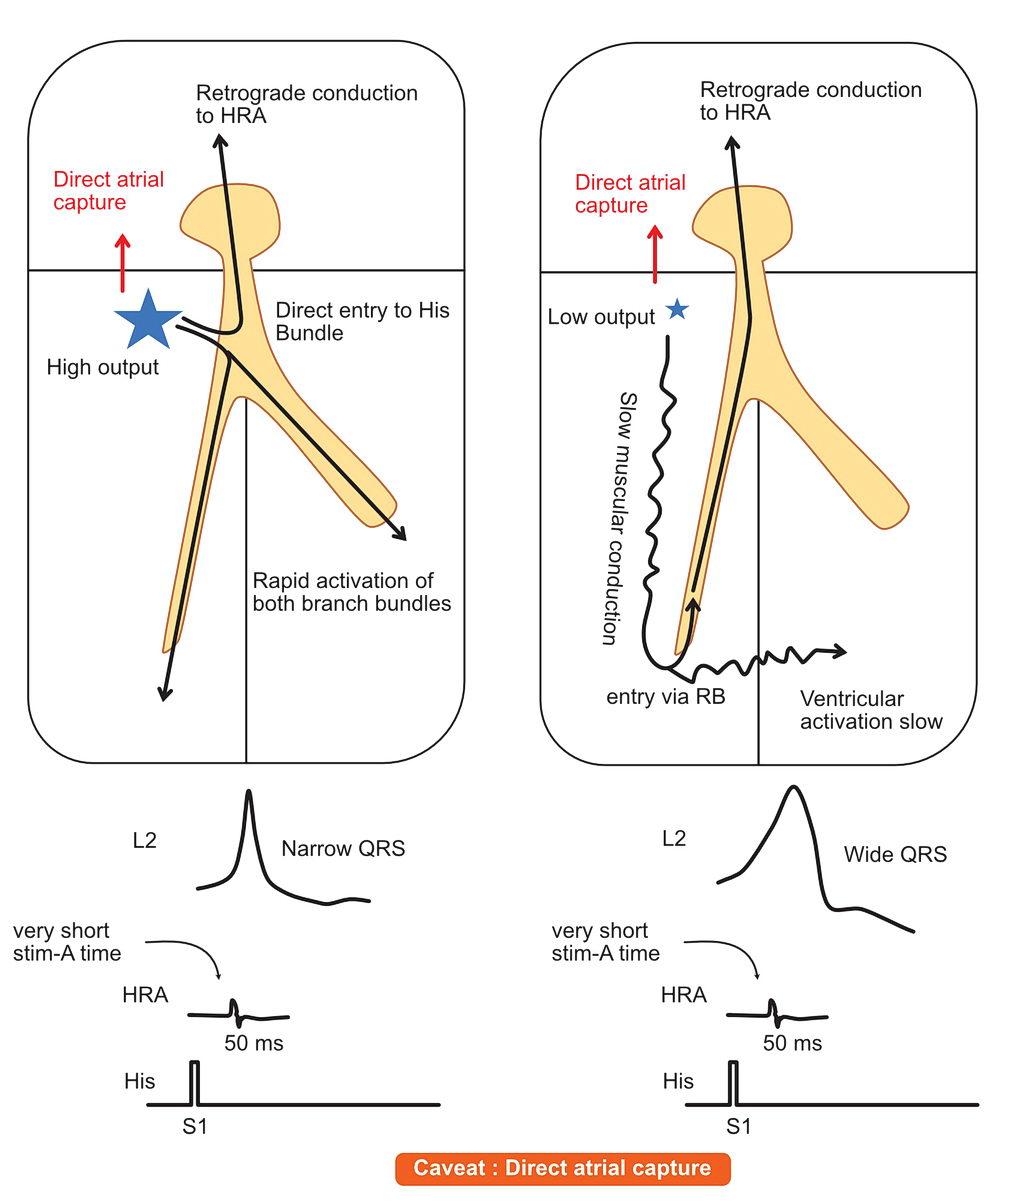 Parahisian pacing - caveat - direct atrial capture